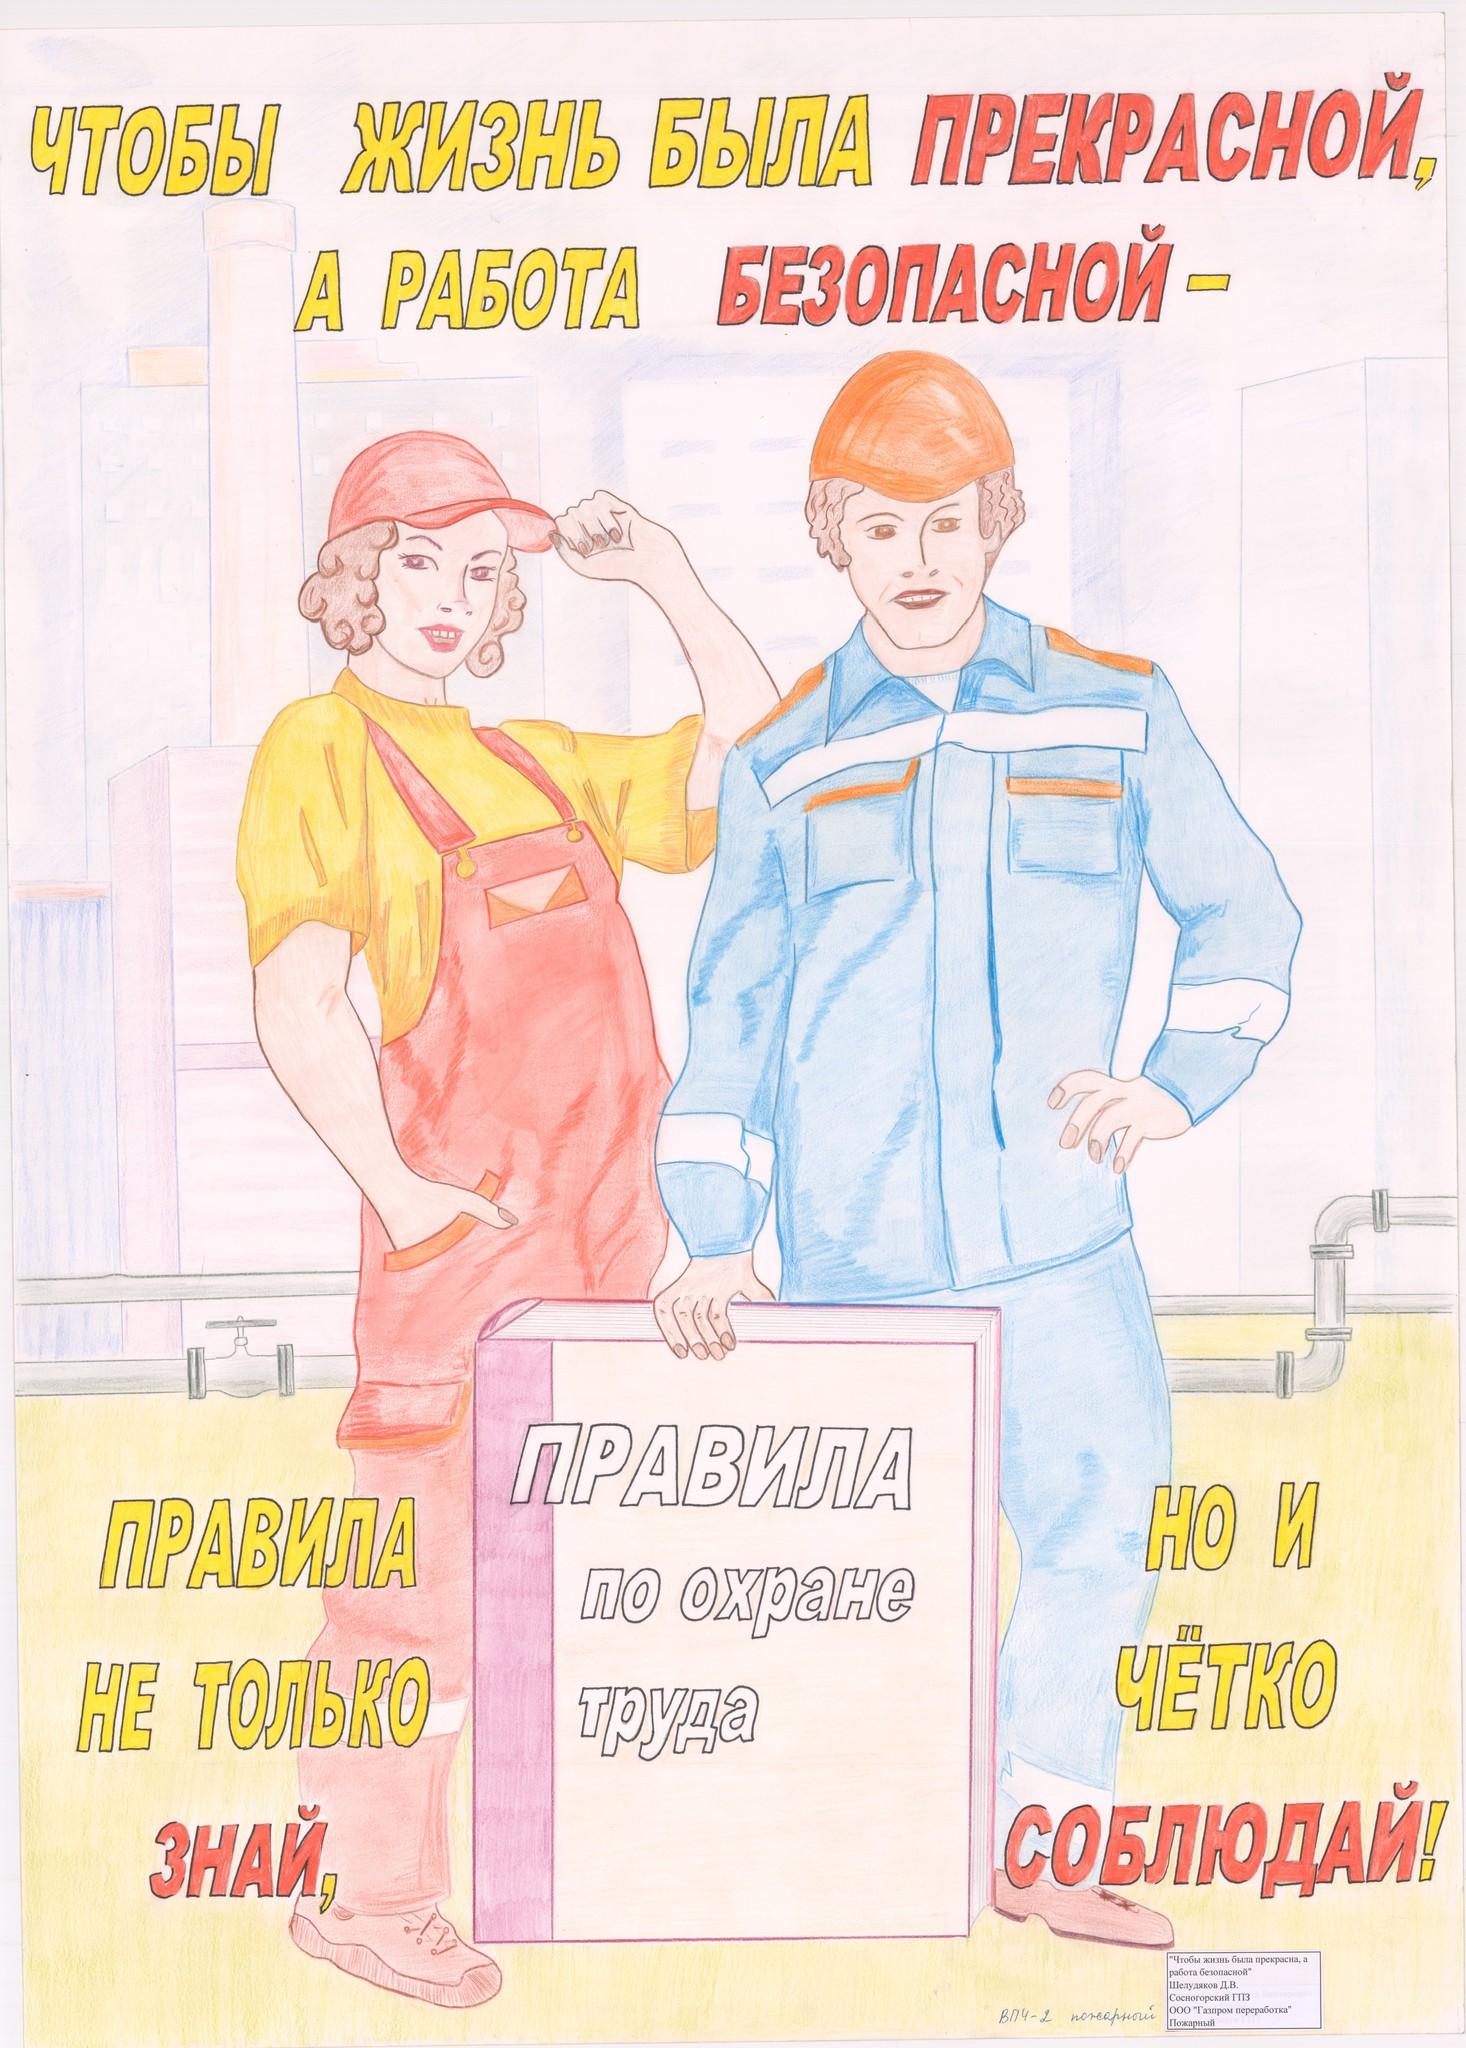 http://pererabotka.gazprom.ru/d/story/b8/184/6.jpg